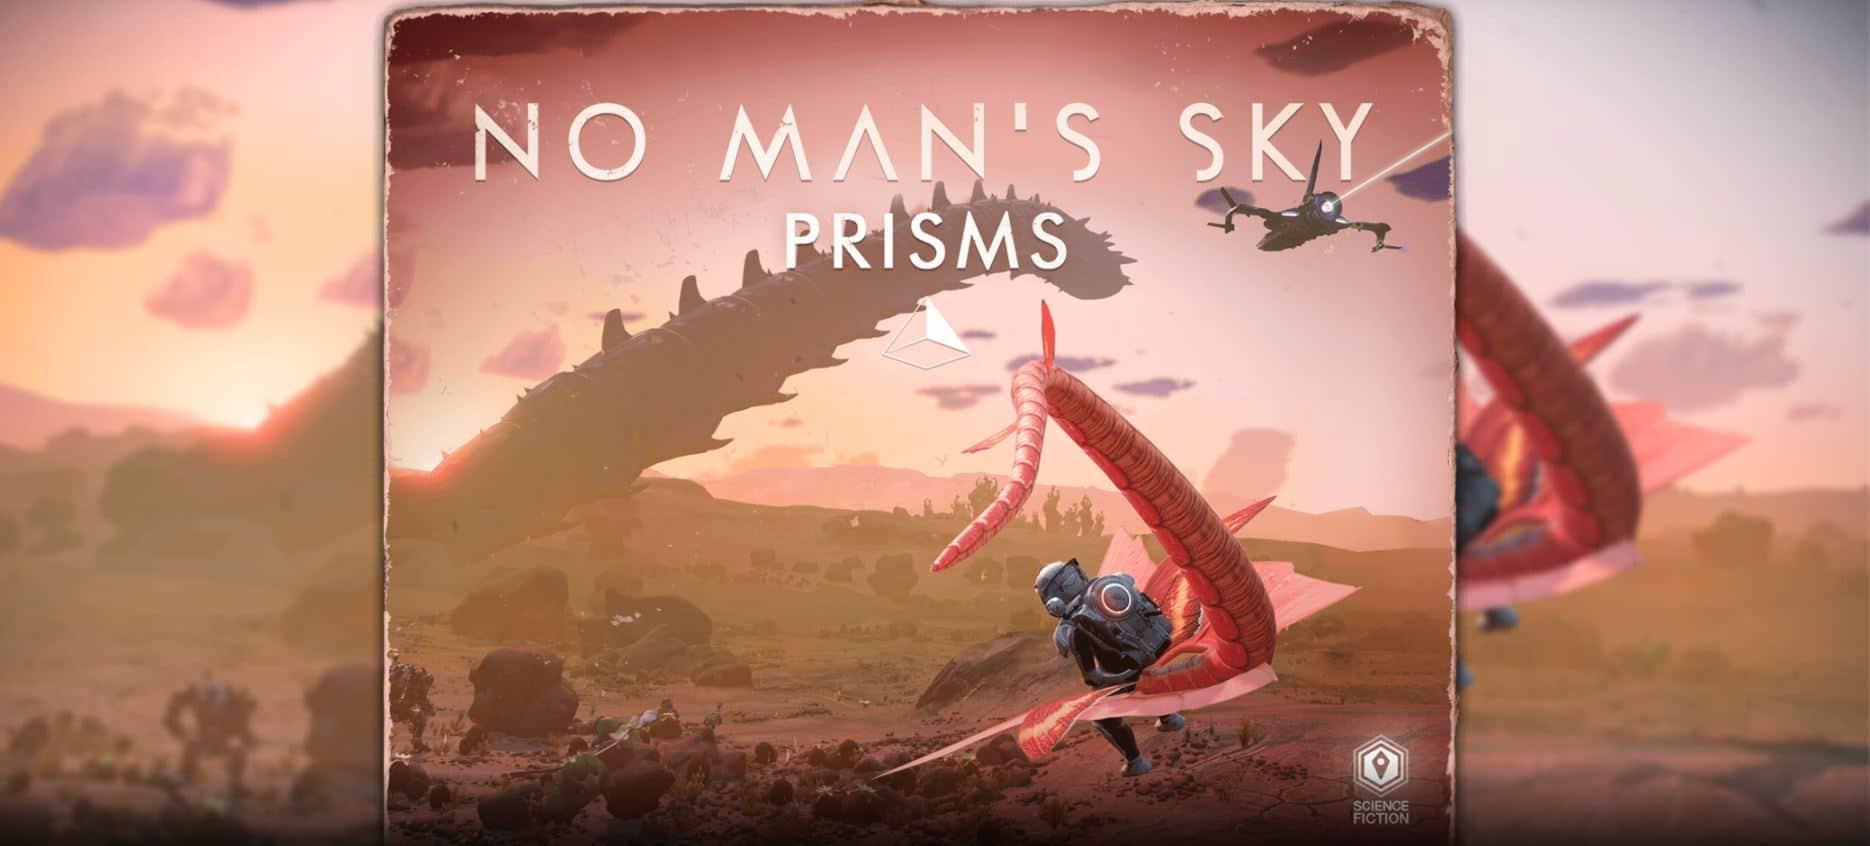 No Man's Sky se actualiza con Prisms: Añade el DLSS y muchas mejoras